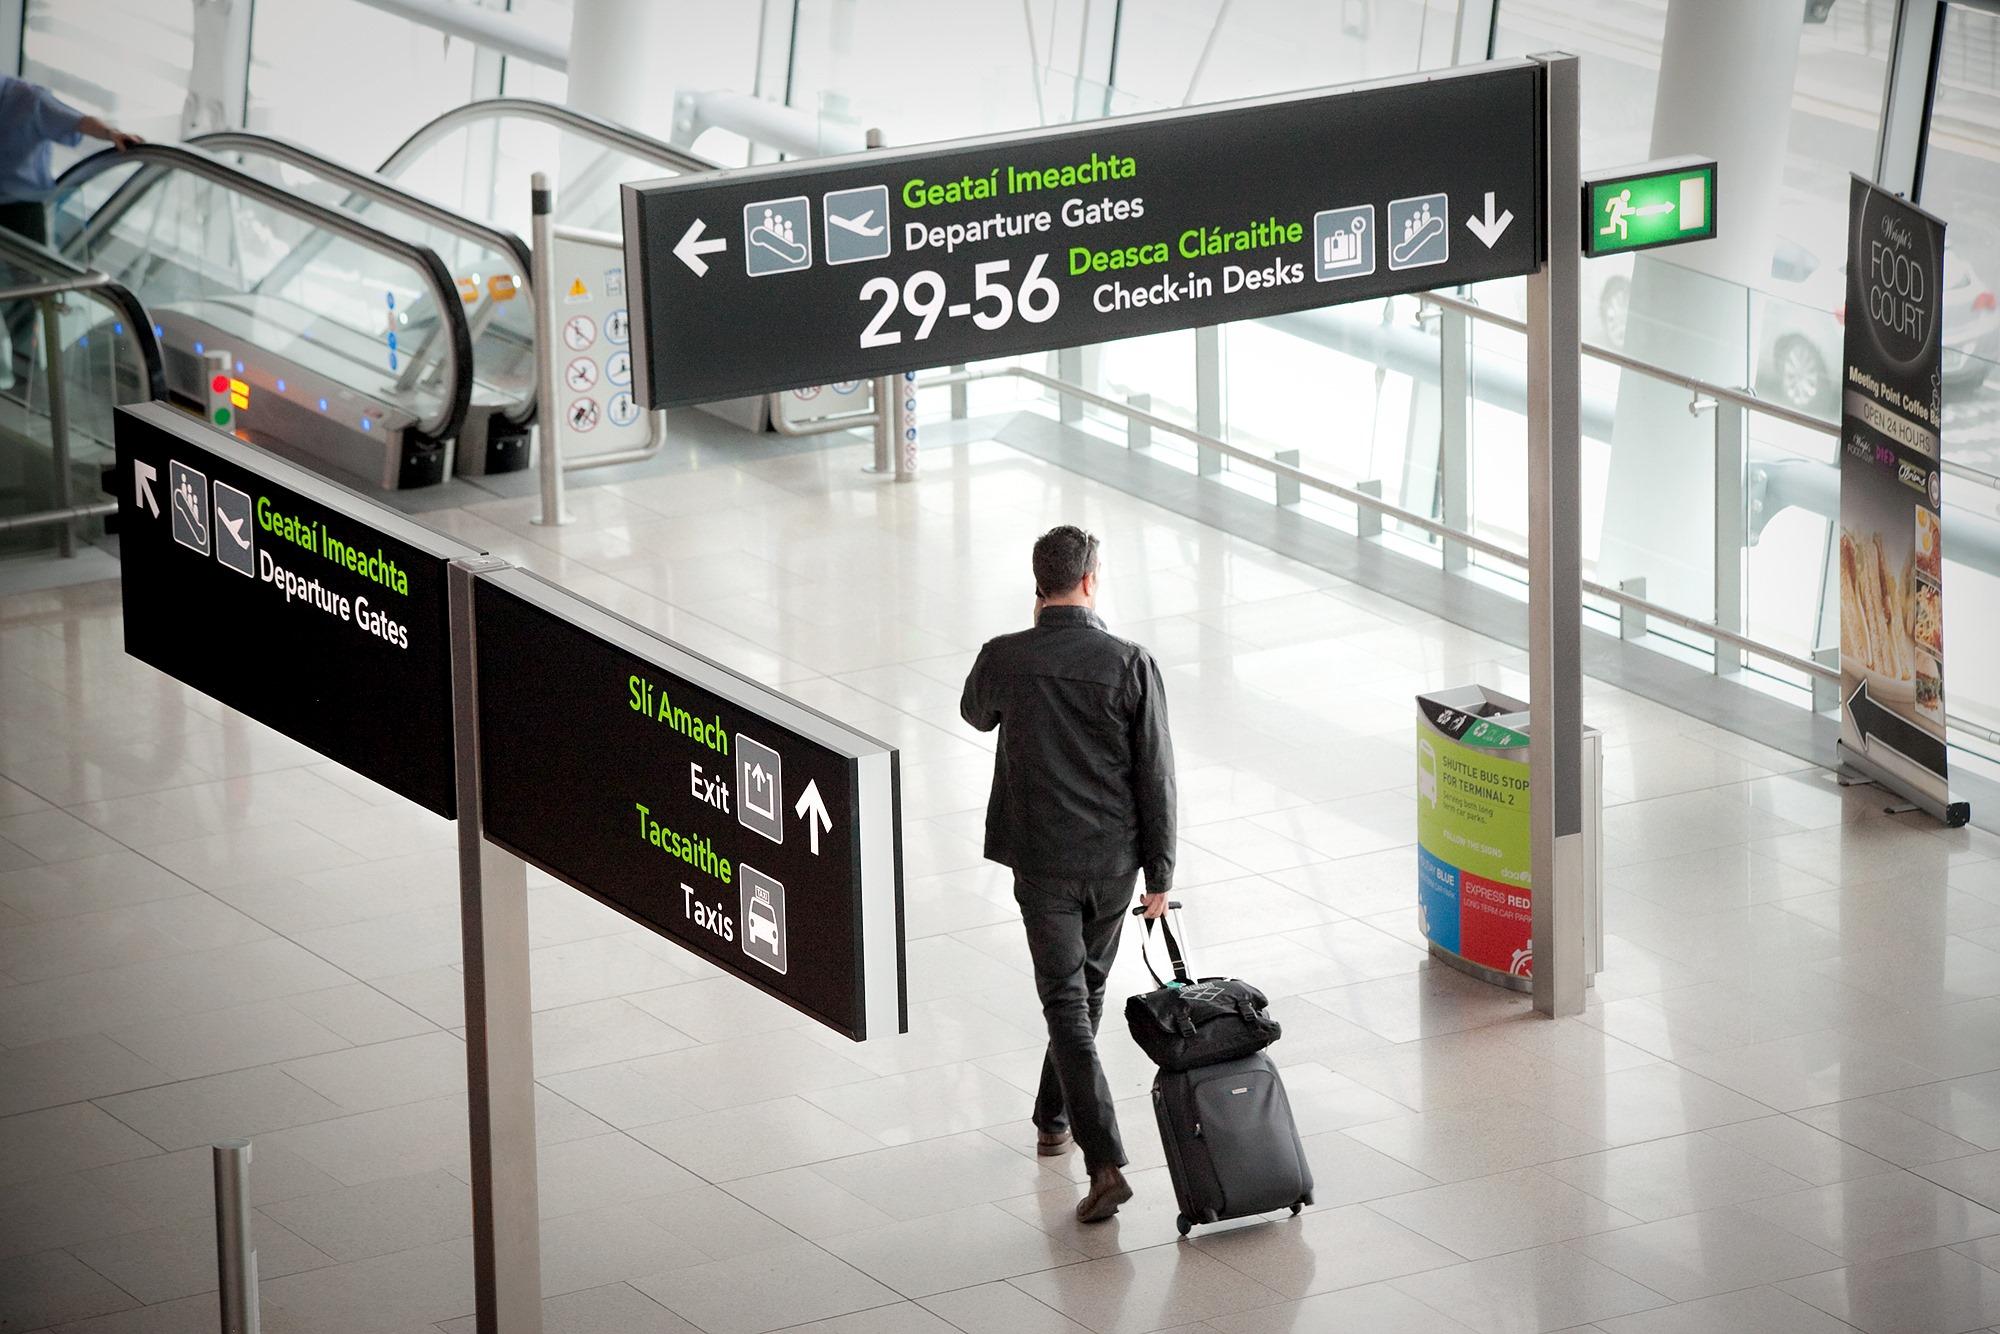 Dublin Airport passenger